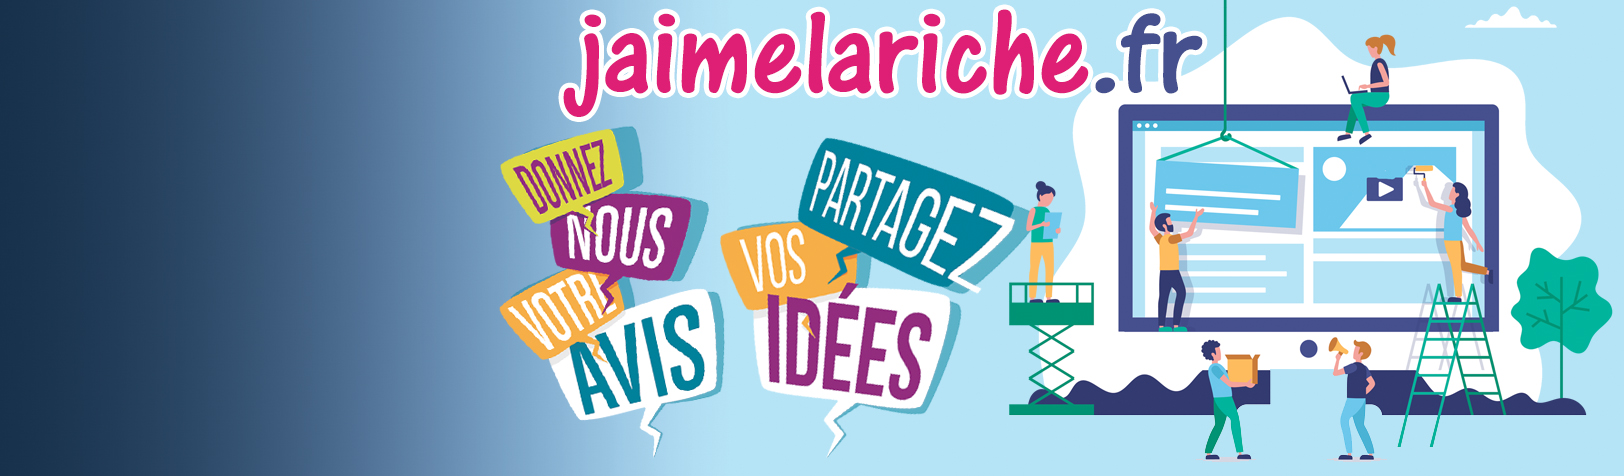 Plateforme participative: donnez votre avis et partagez vos idées!